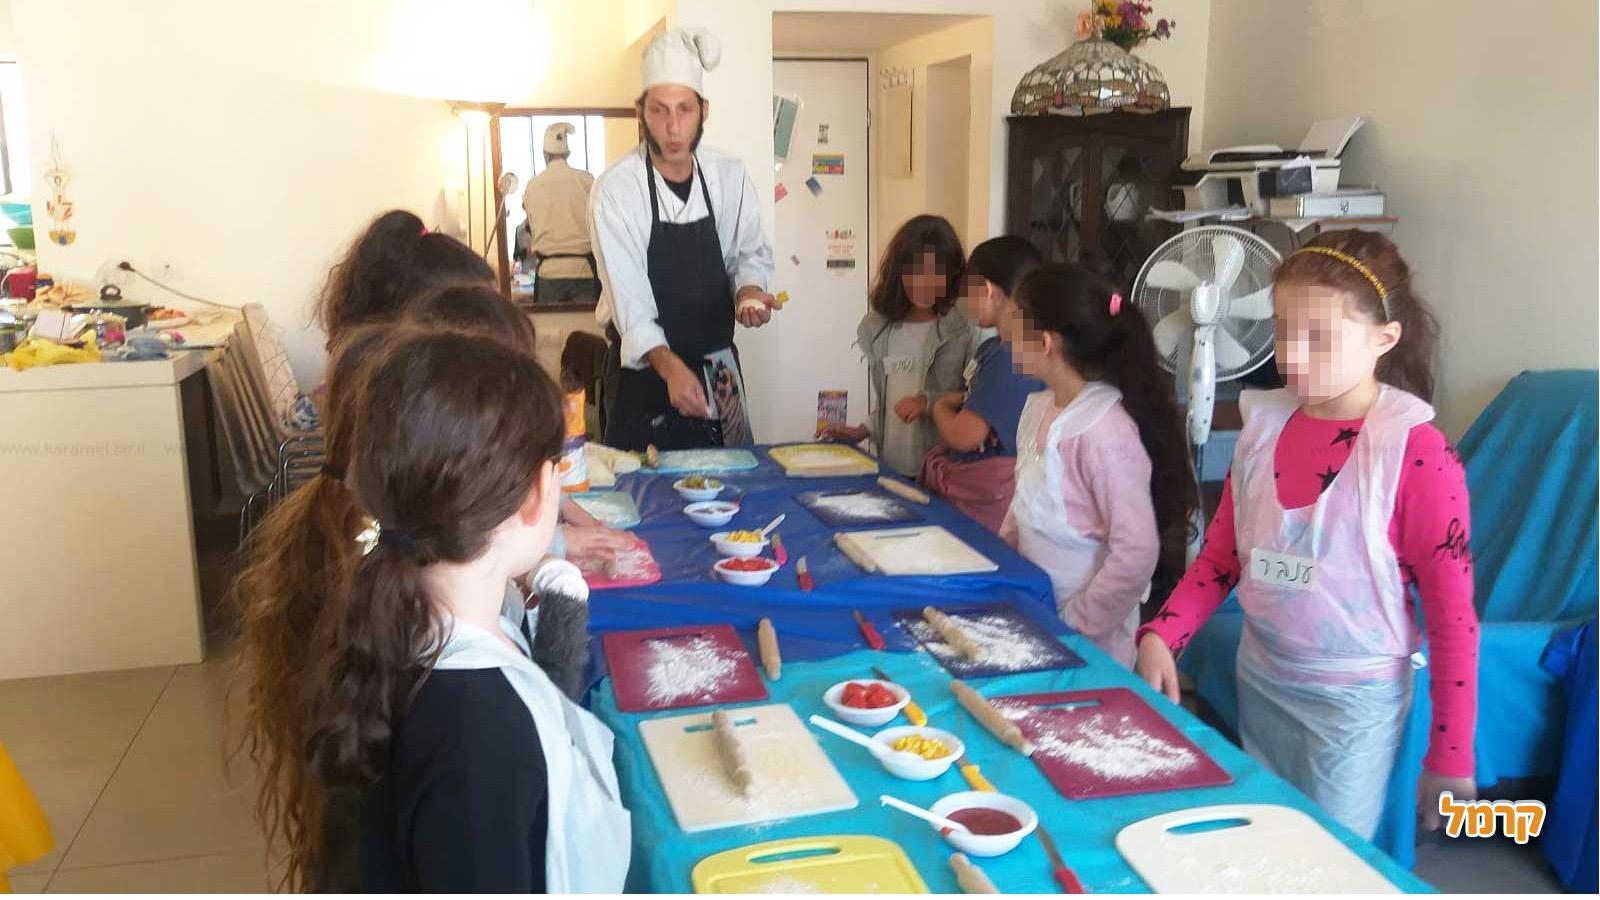 סדנאות בישול מהנות לילדים - 073-7590498